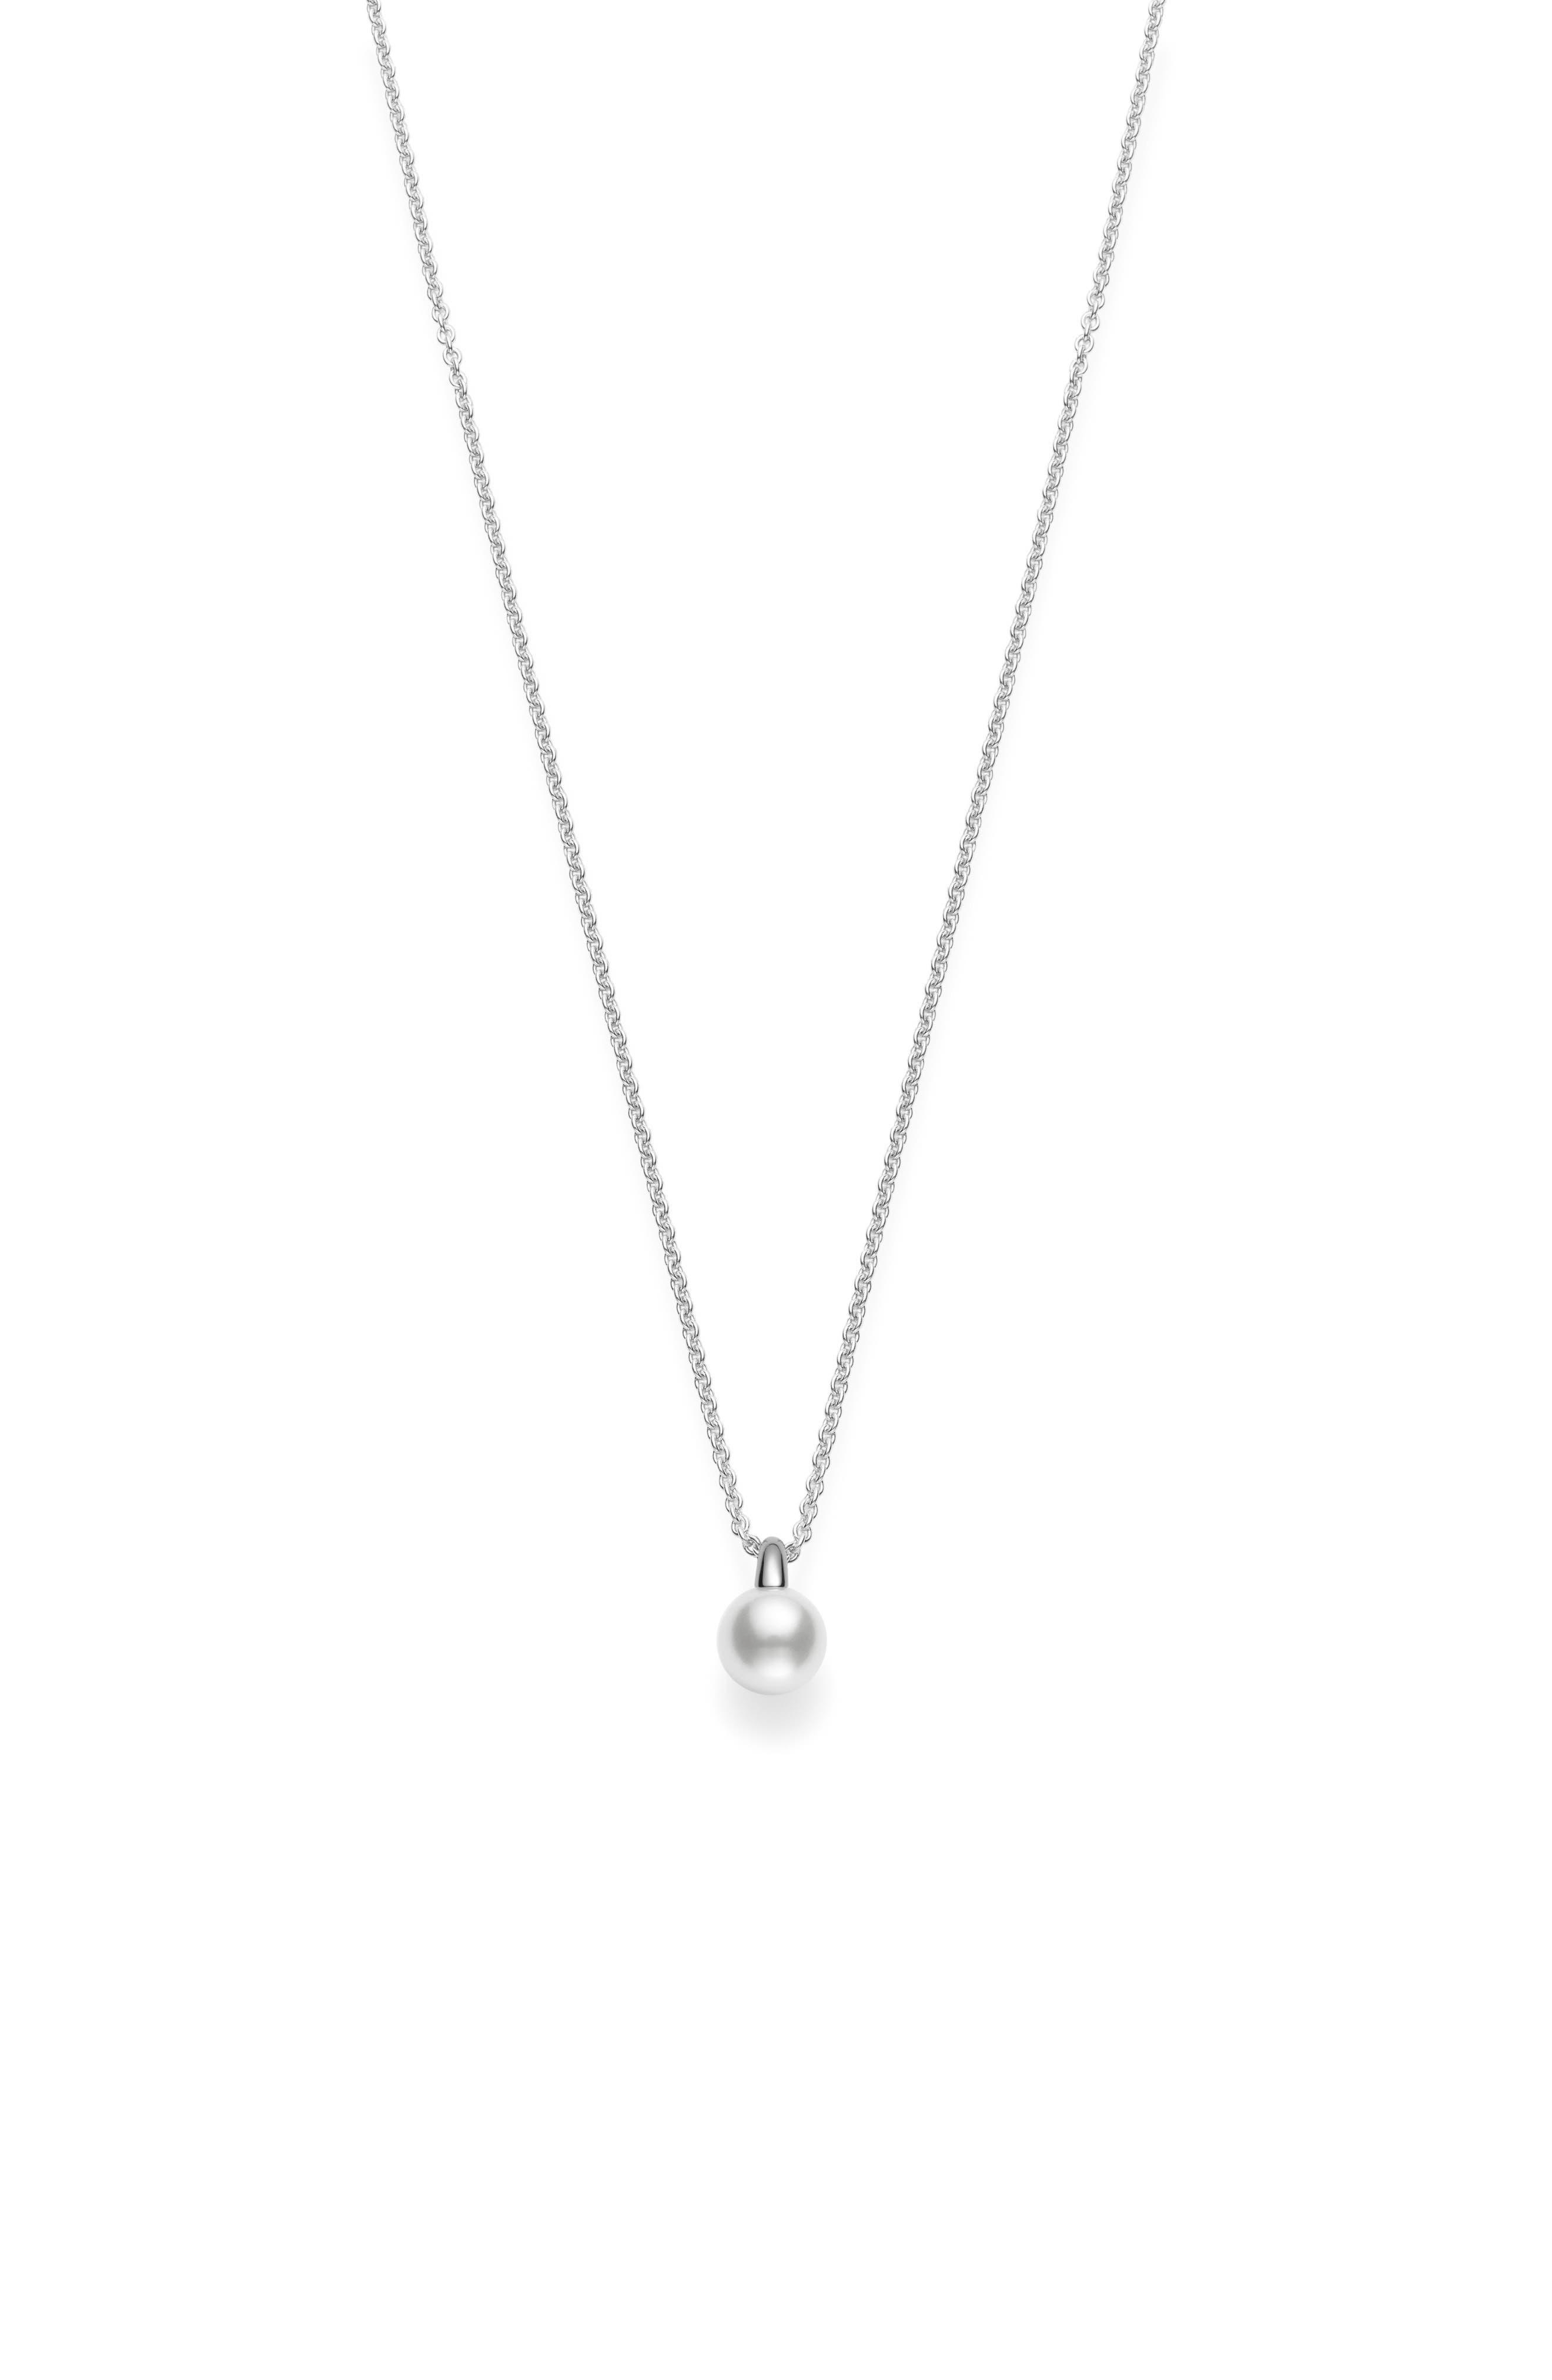 MIKIMOTO Cherish Akoya Cultured Pearl Pendant Necklace in White Gold